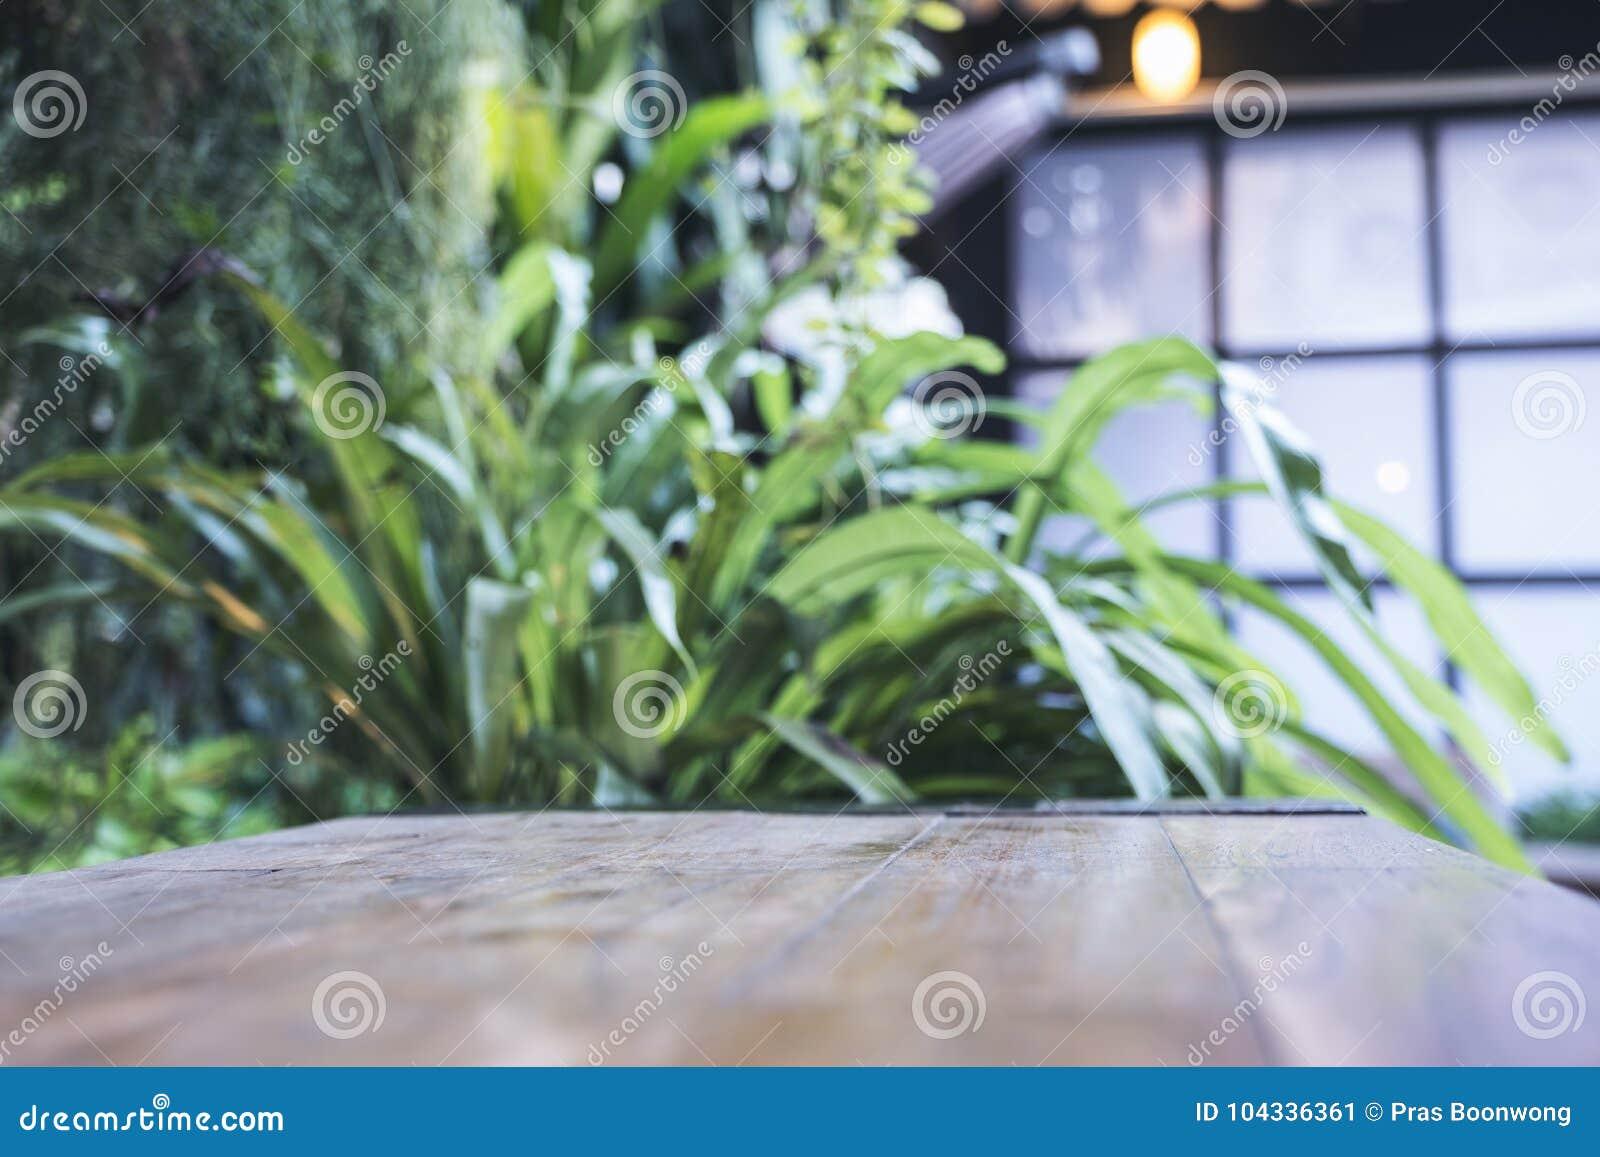 Fermez-vous vers le haut de l image d une table en bois avec le bokeh de tache floue de la nature verte